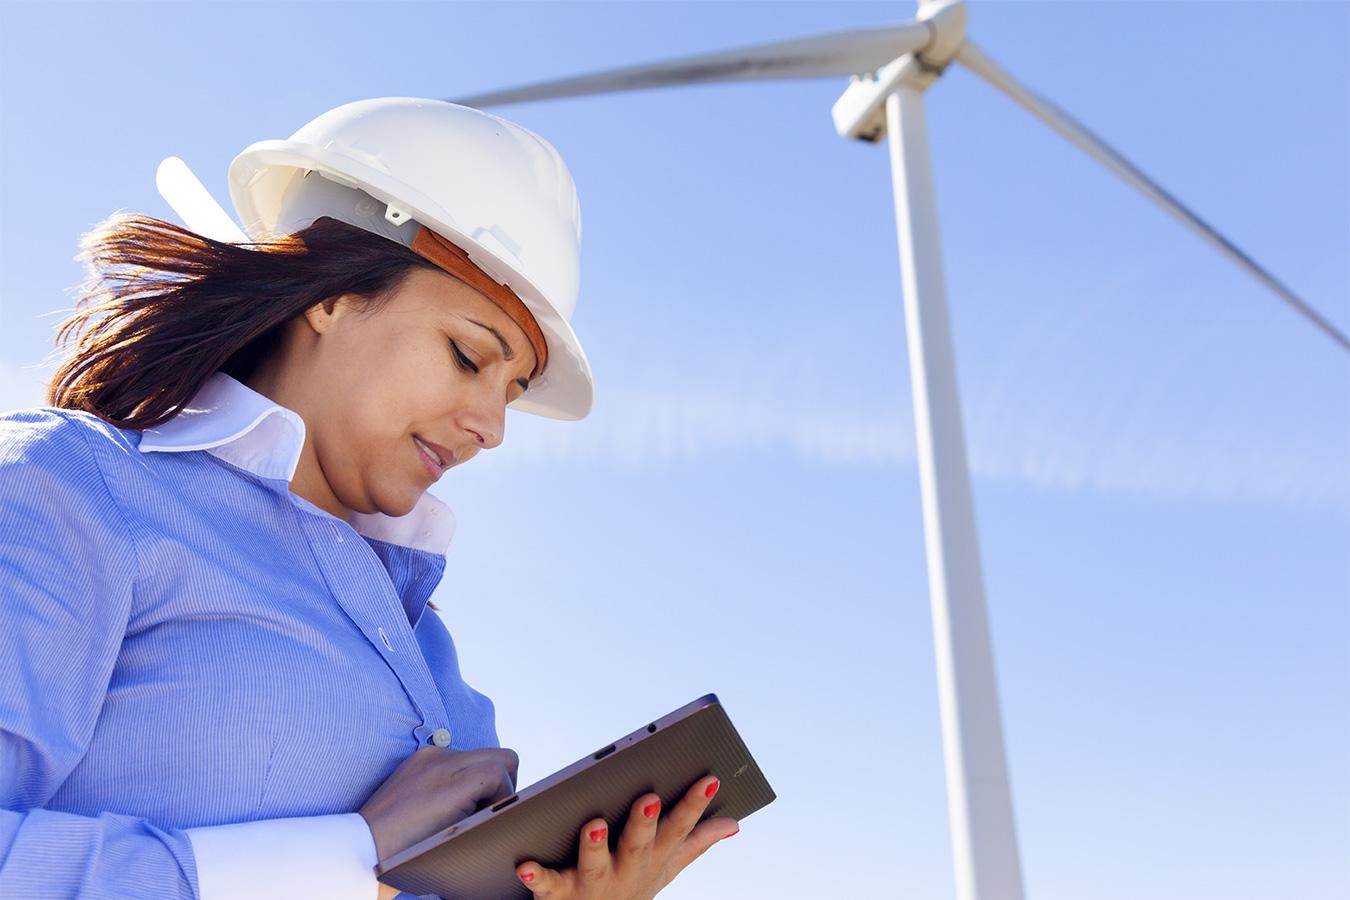 Female engineer wind turbine